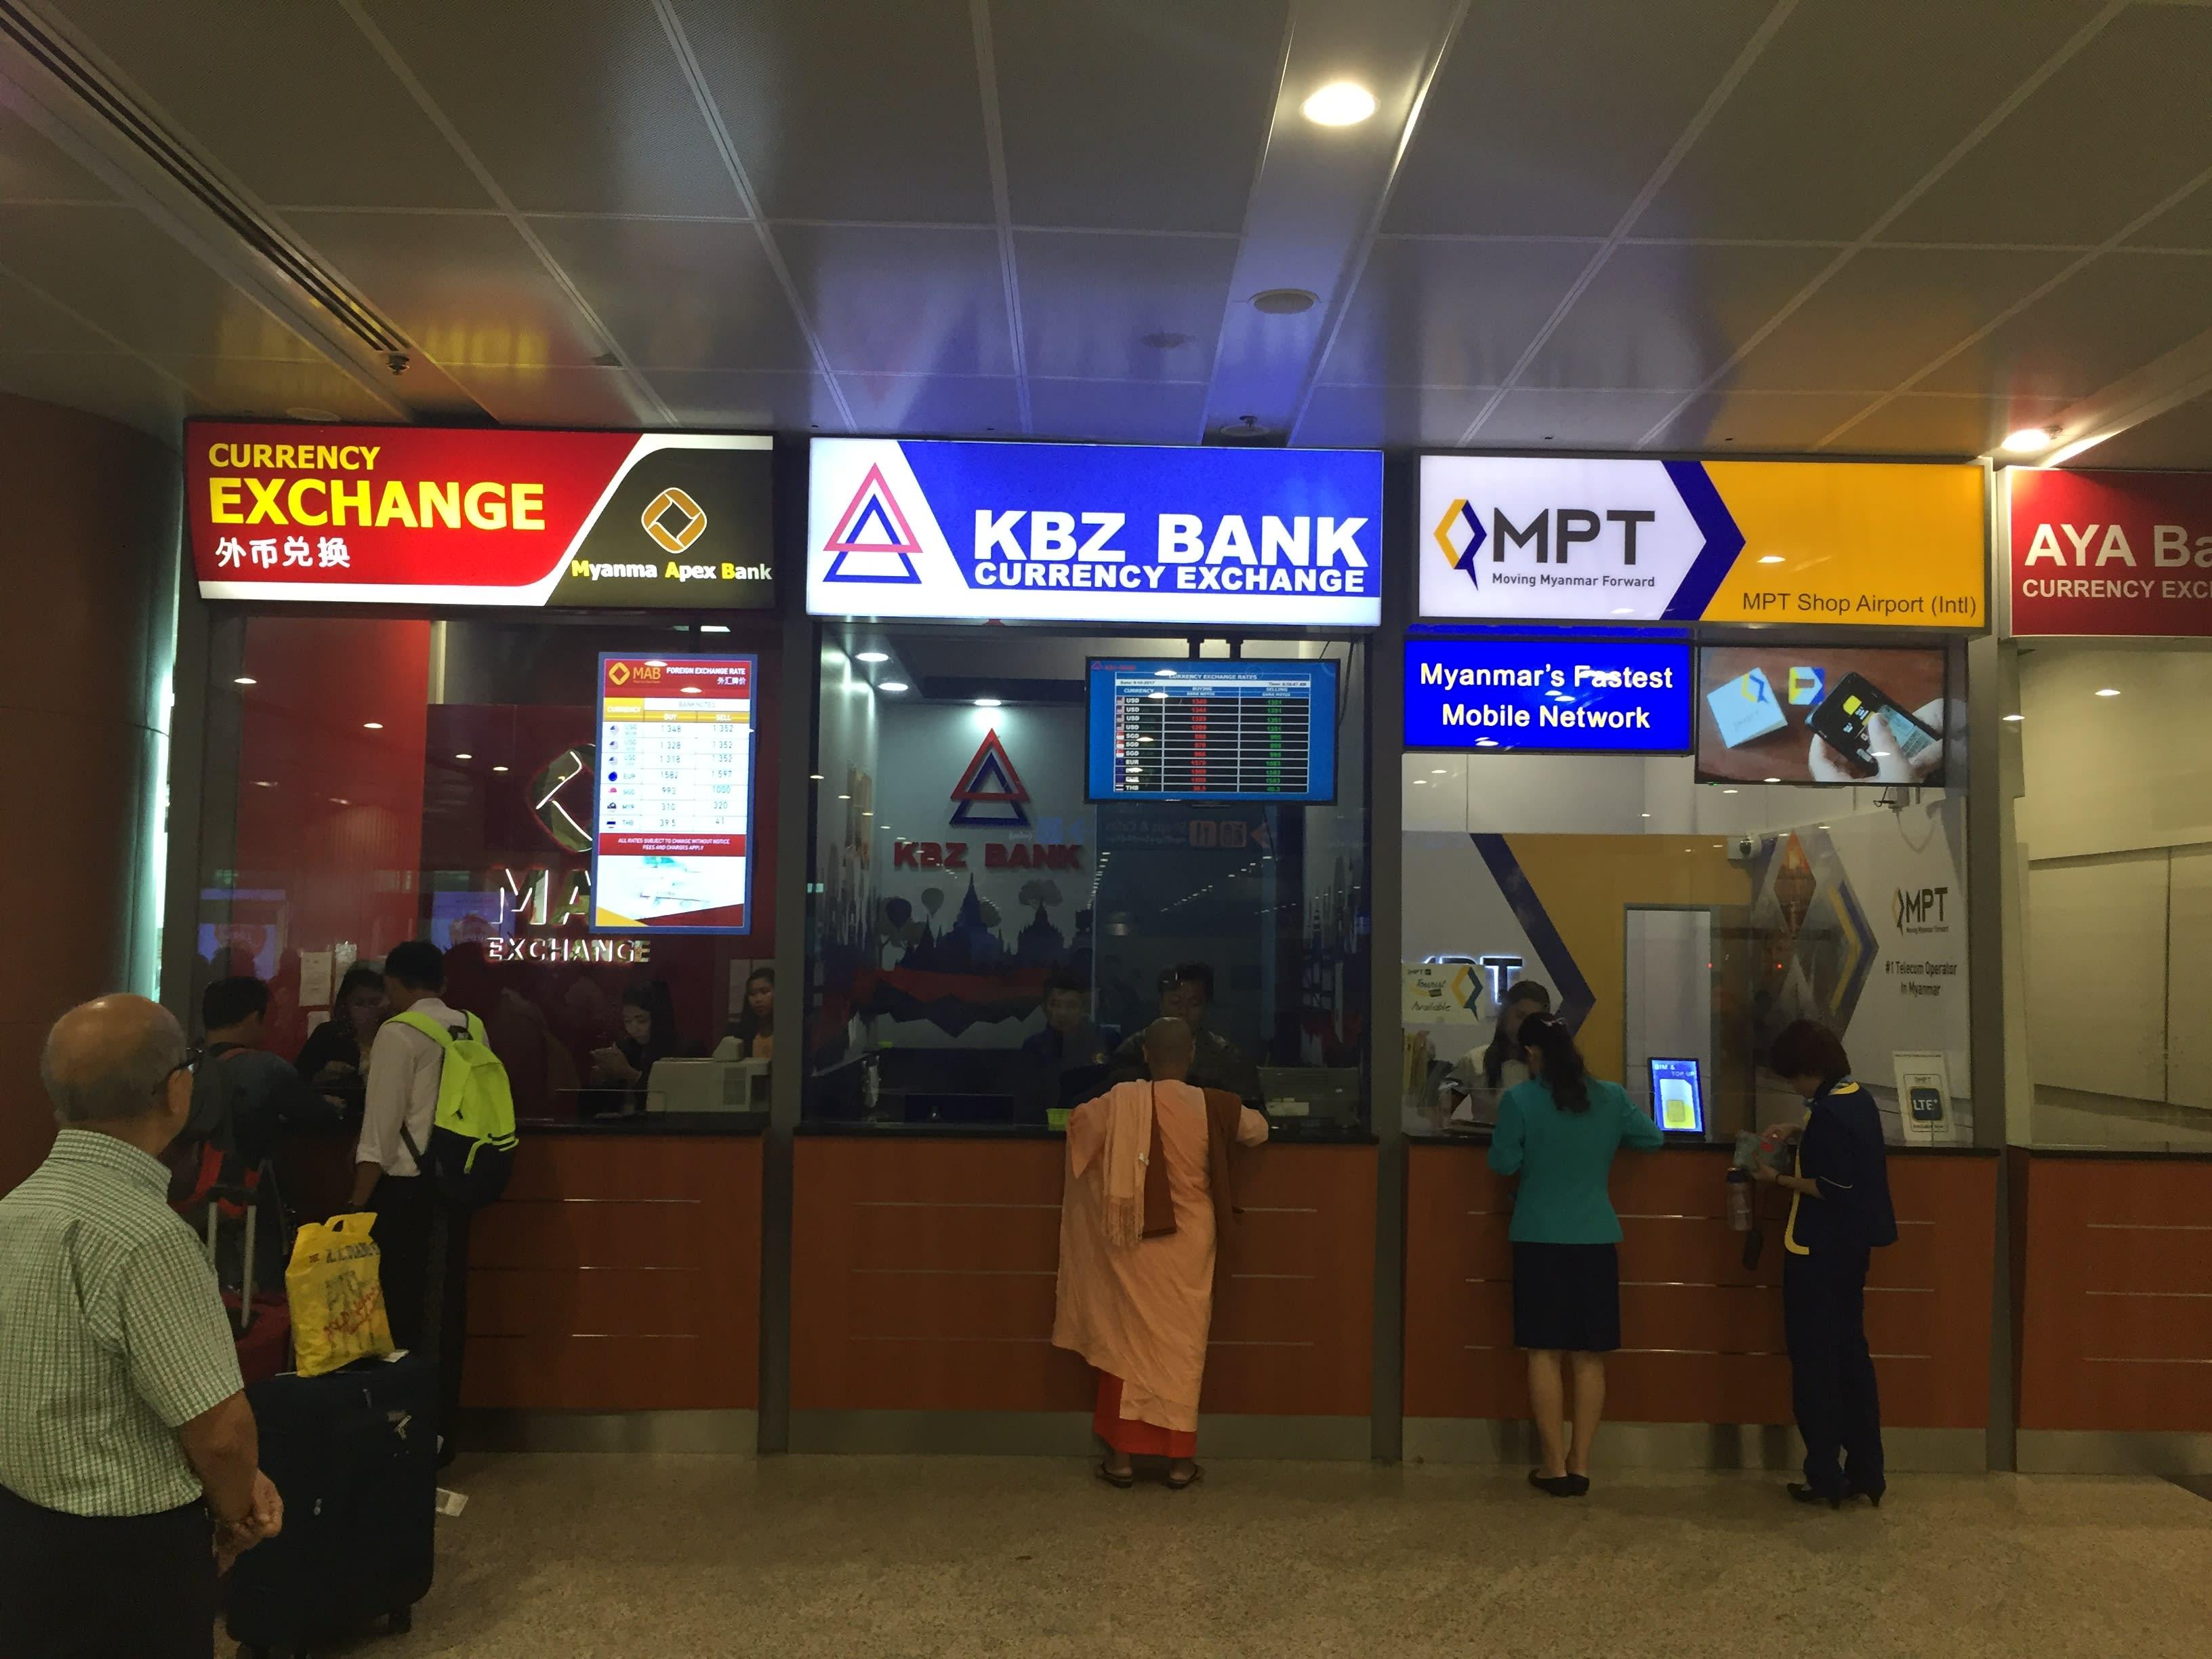 緬甸旅遊攻略 : 緬甸機場換匯